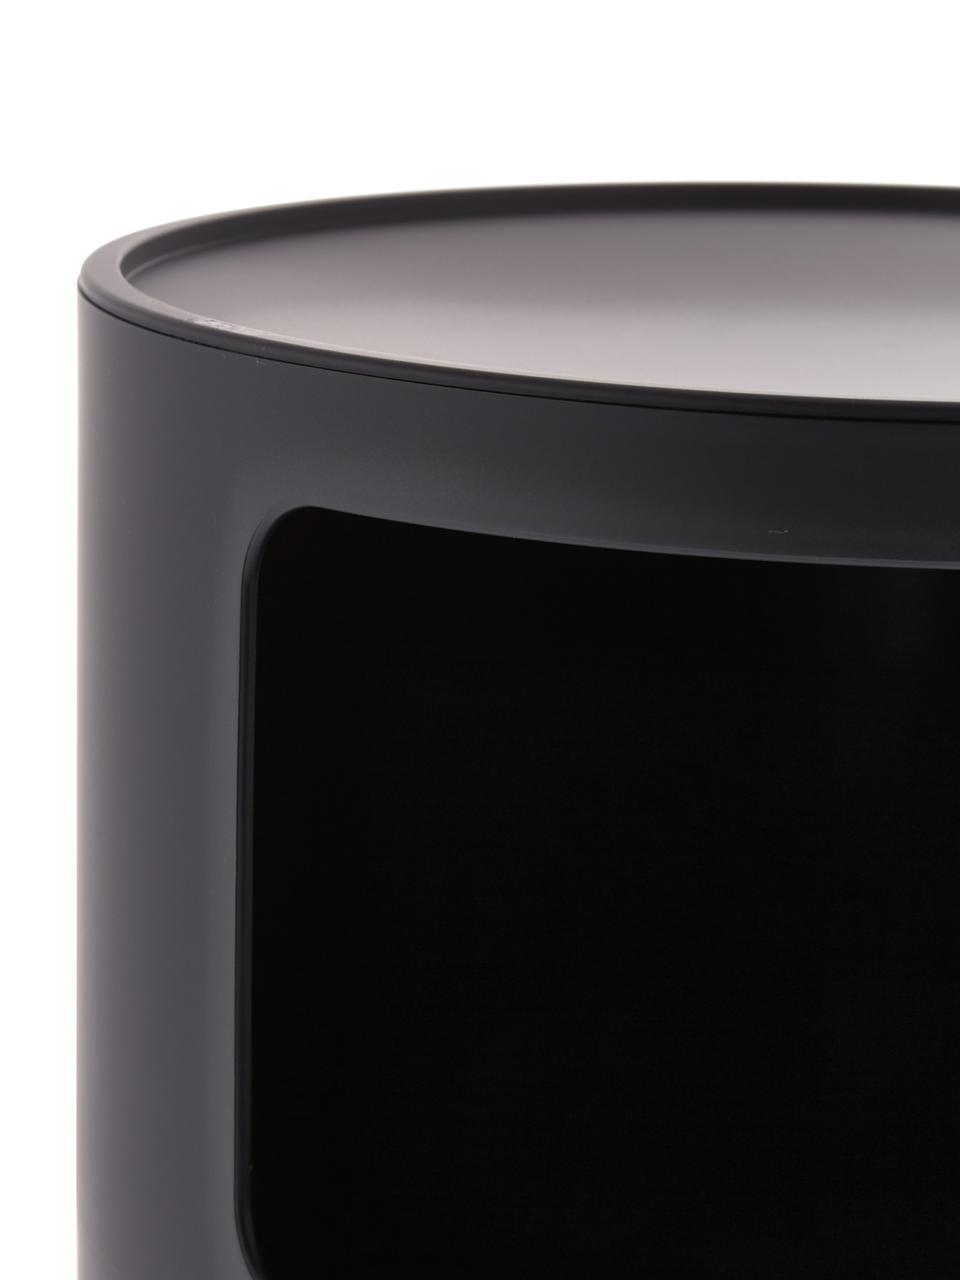 Comodino di design con cassetti Componibile, Materiale sintetico (ABS), verniciato, Nero opaco, Ø 32 x Alt. 59 cm